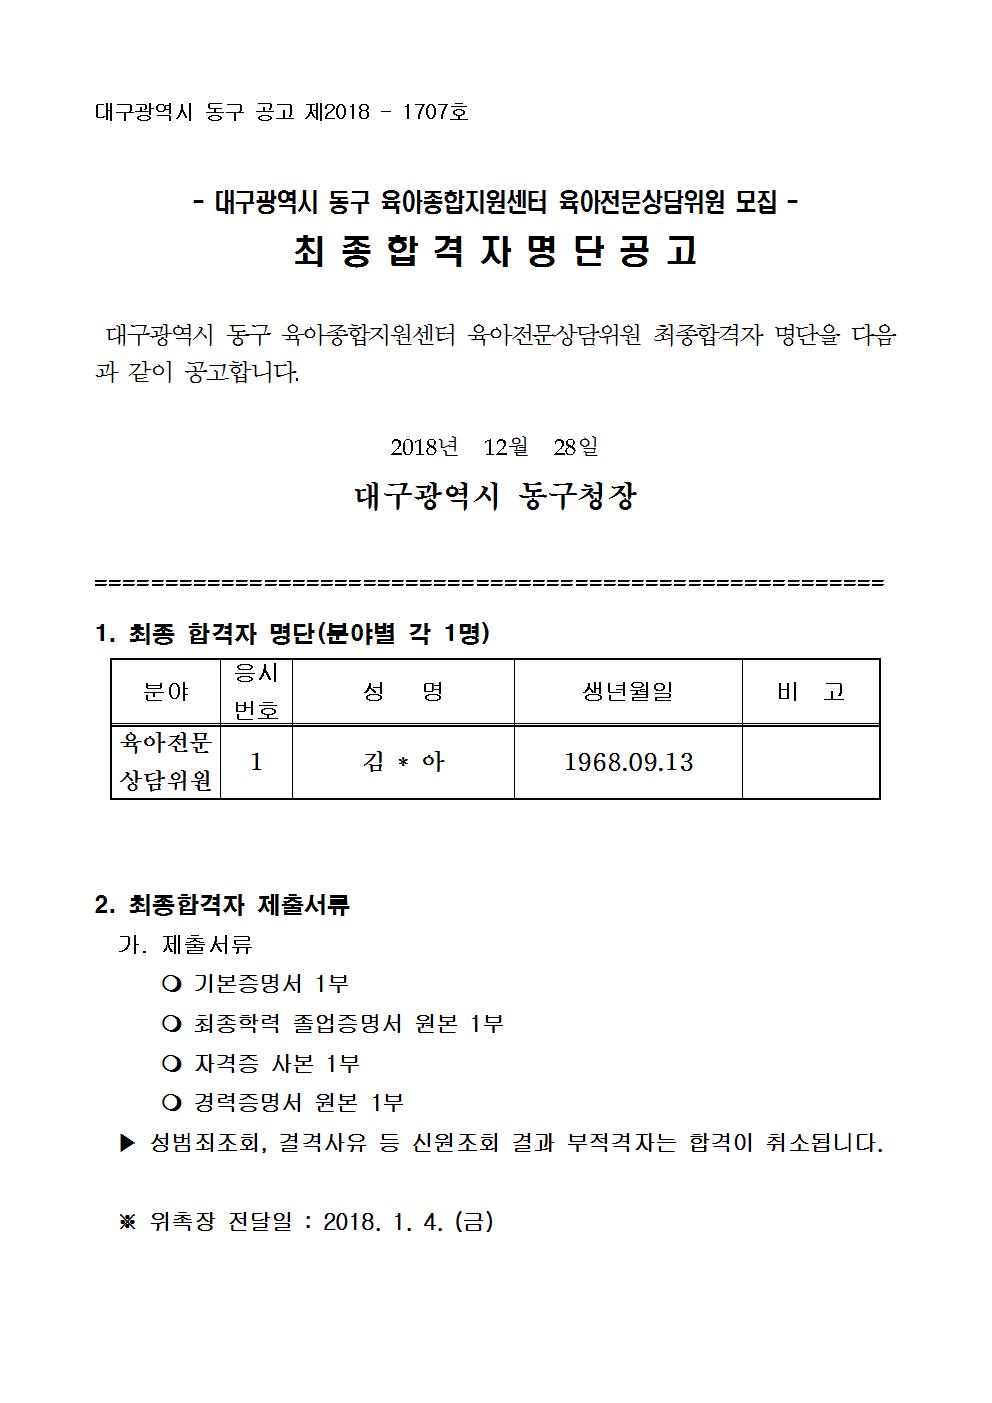 육아종합지원센터 「2019 육아전문상담위원」 합격자 공고.png